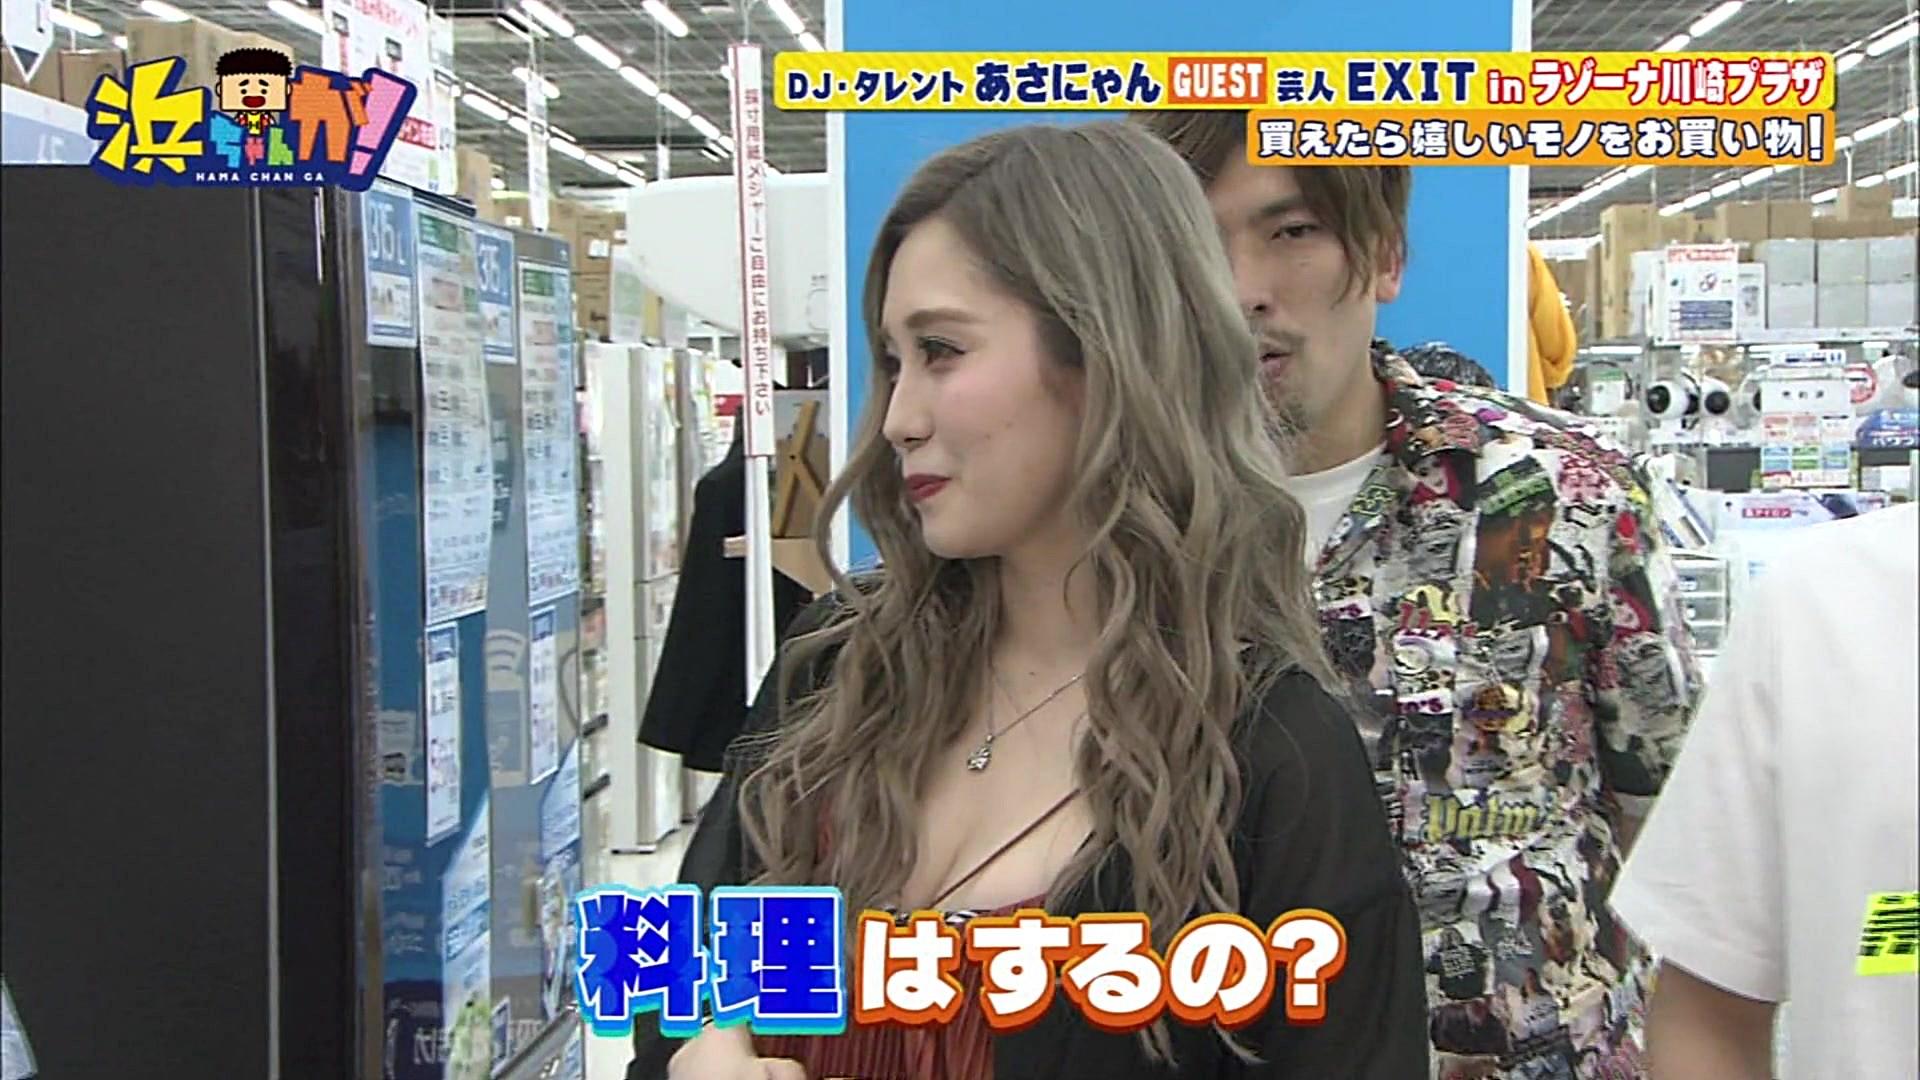 2019年7月17日「浜ちゃんが!」あさにゃんさんのテレビキャプチャー画像-095